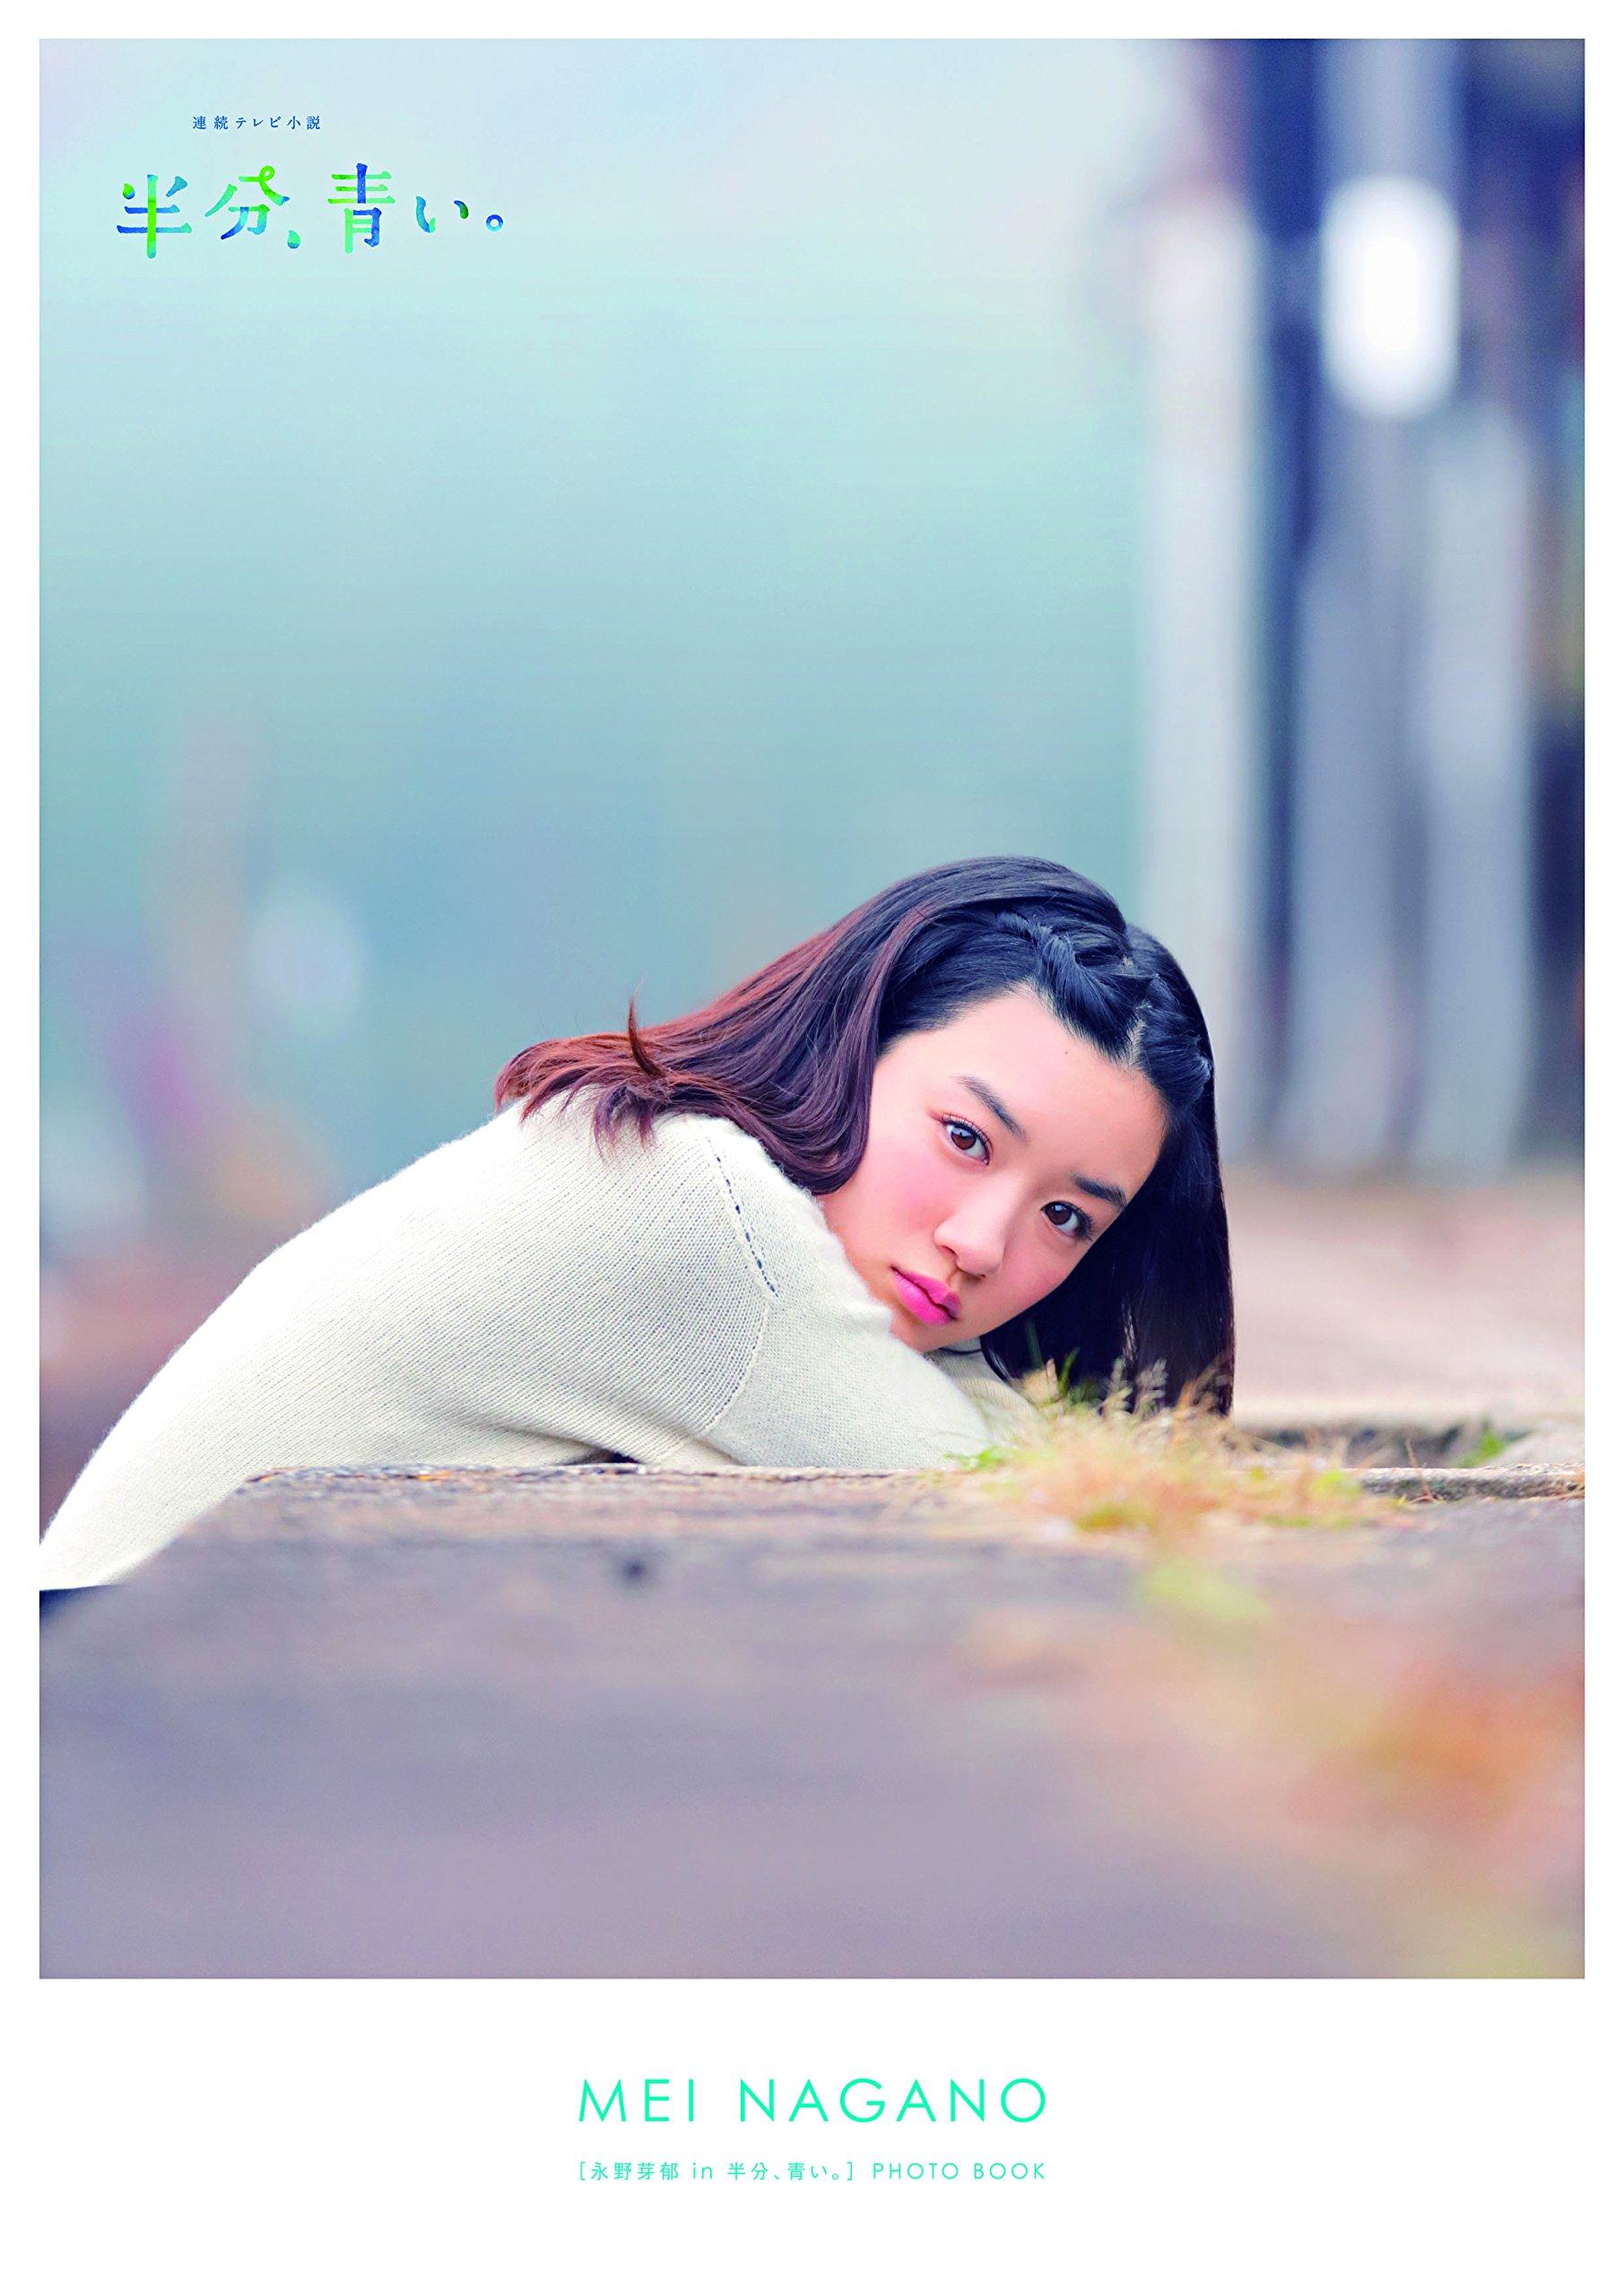 Amazon Co Jp 限定特典 クリアファイル付き 永野芽郁 In 半分 青い